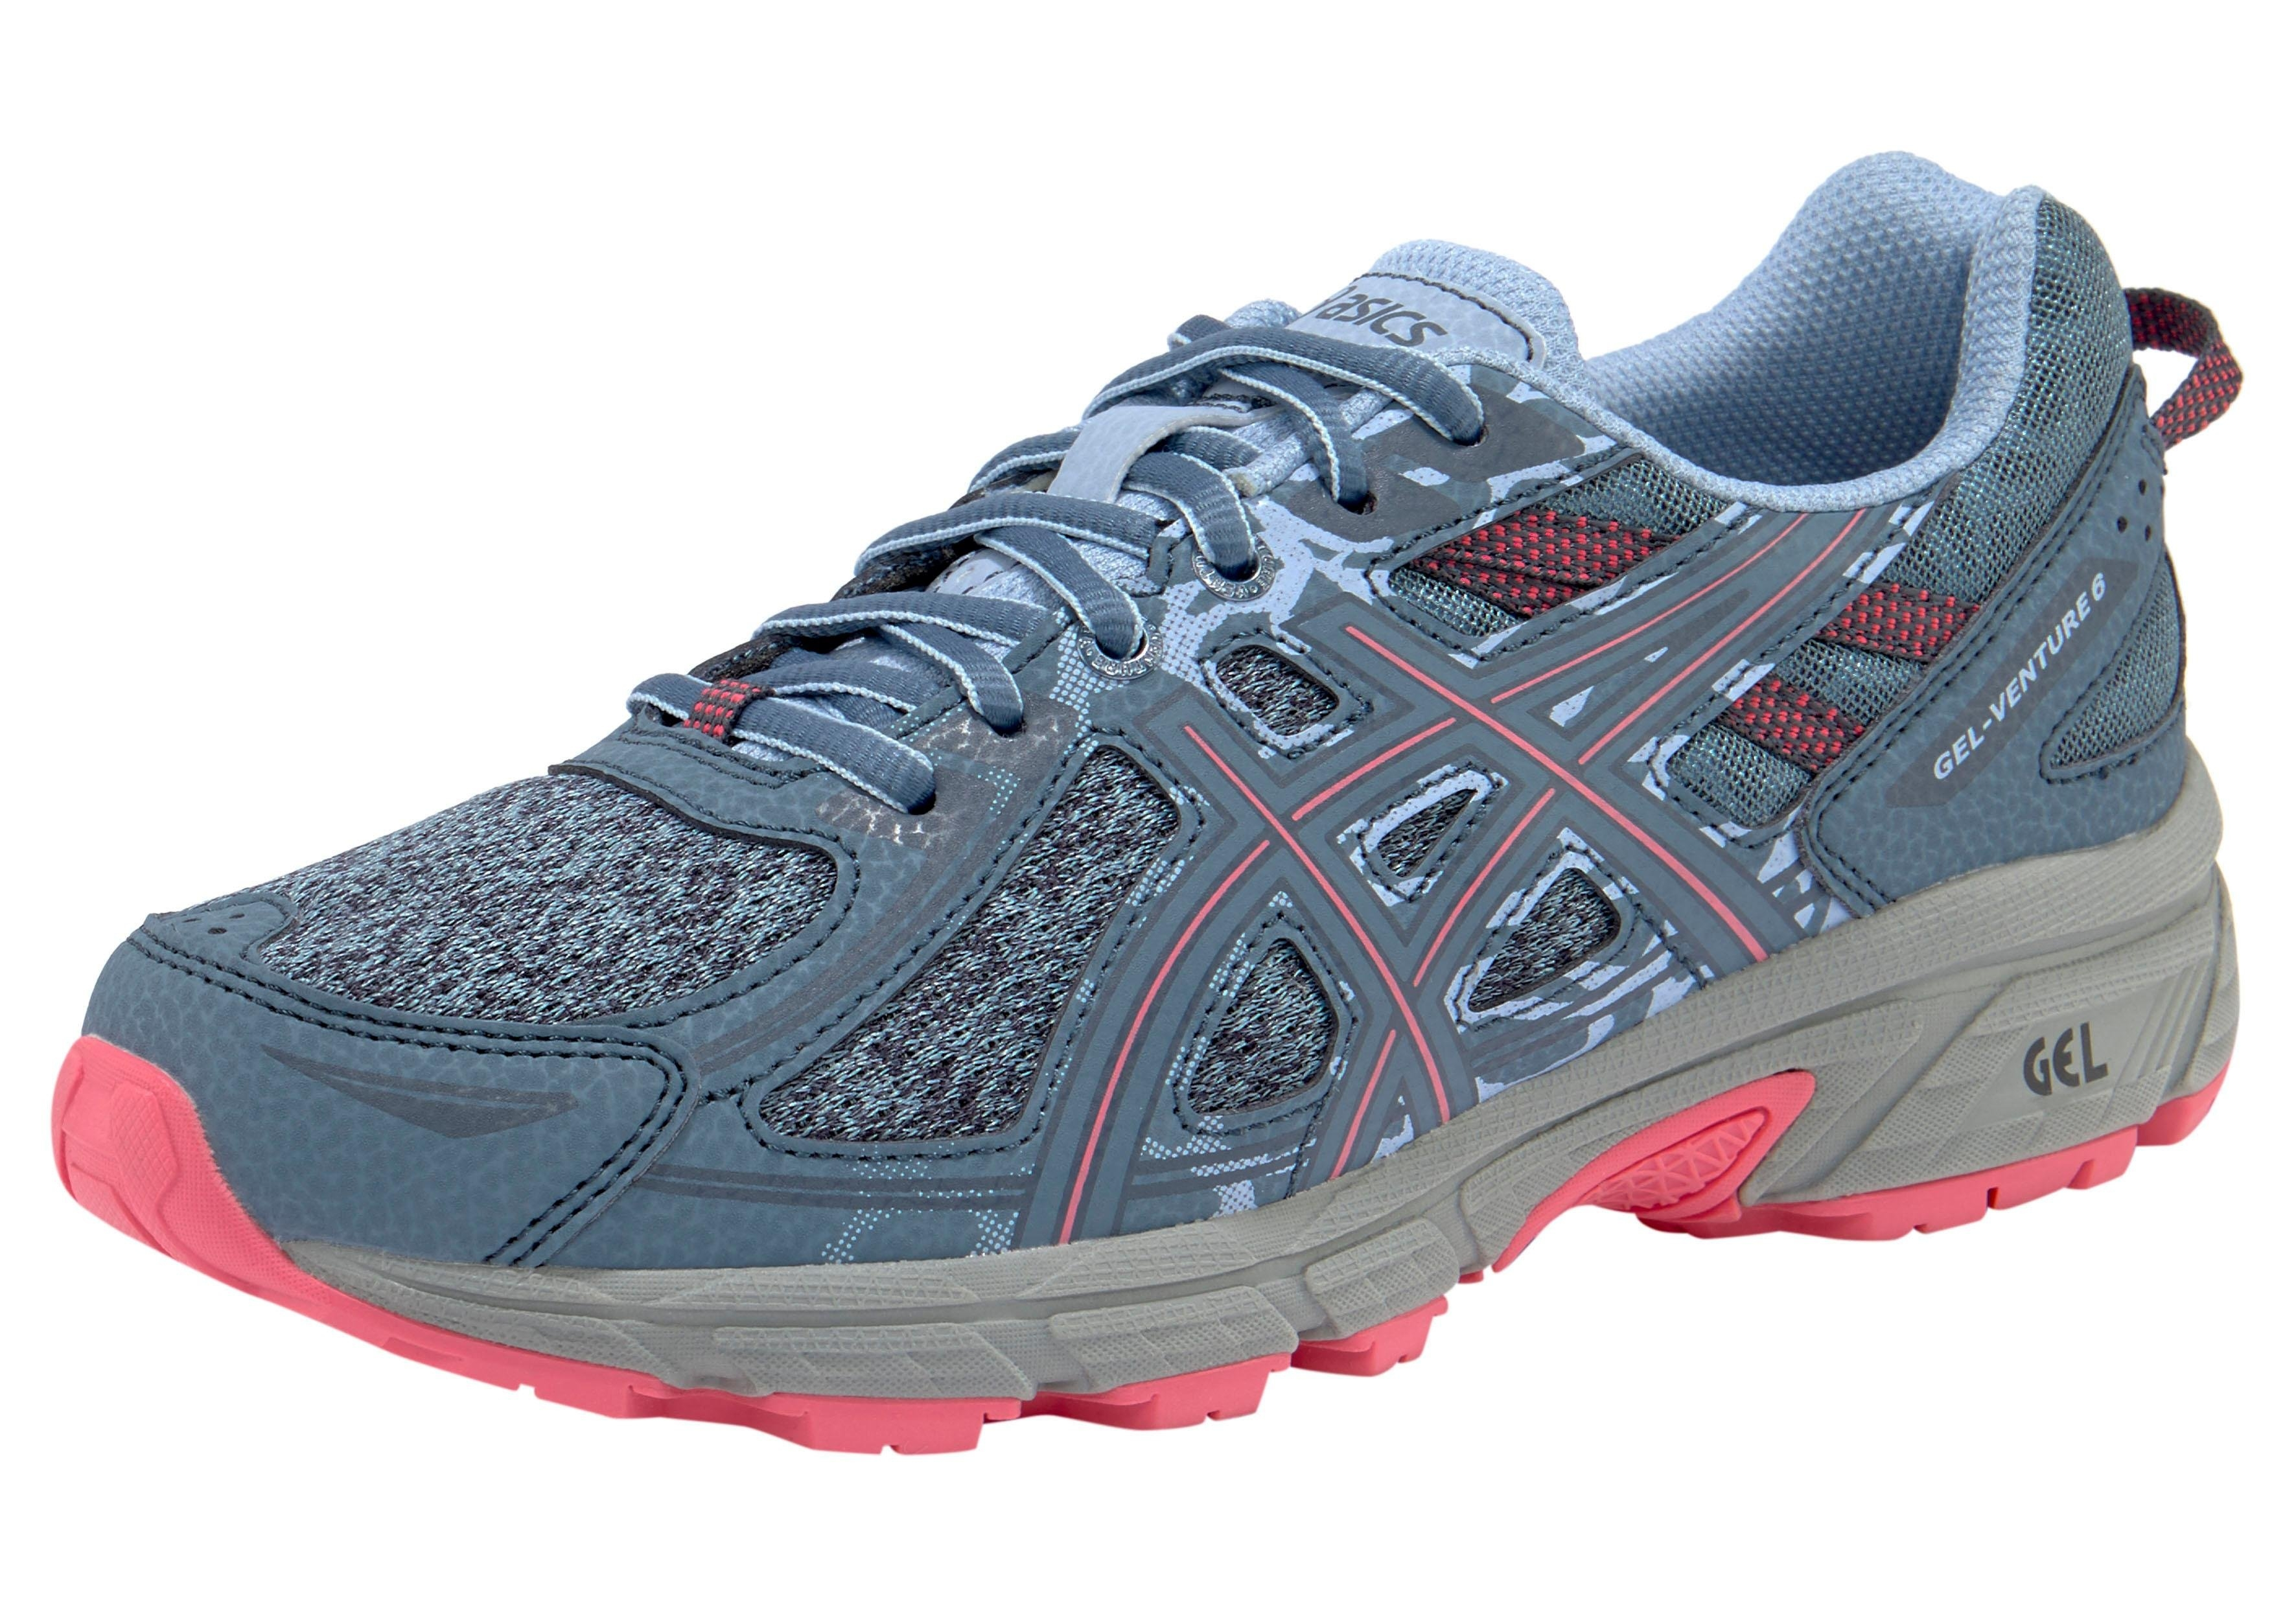 asics runningschoenen »GEL-VENTURE 6 W« nu online kopen bij OTTO